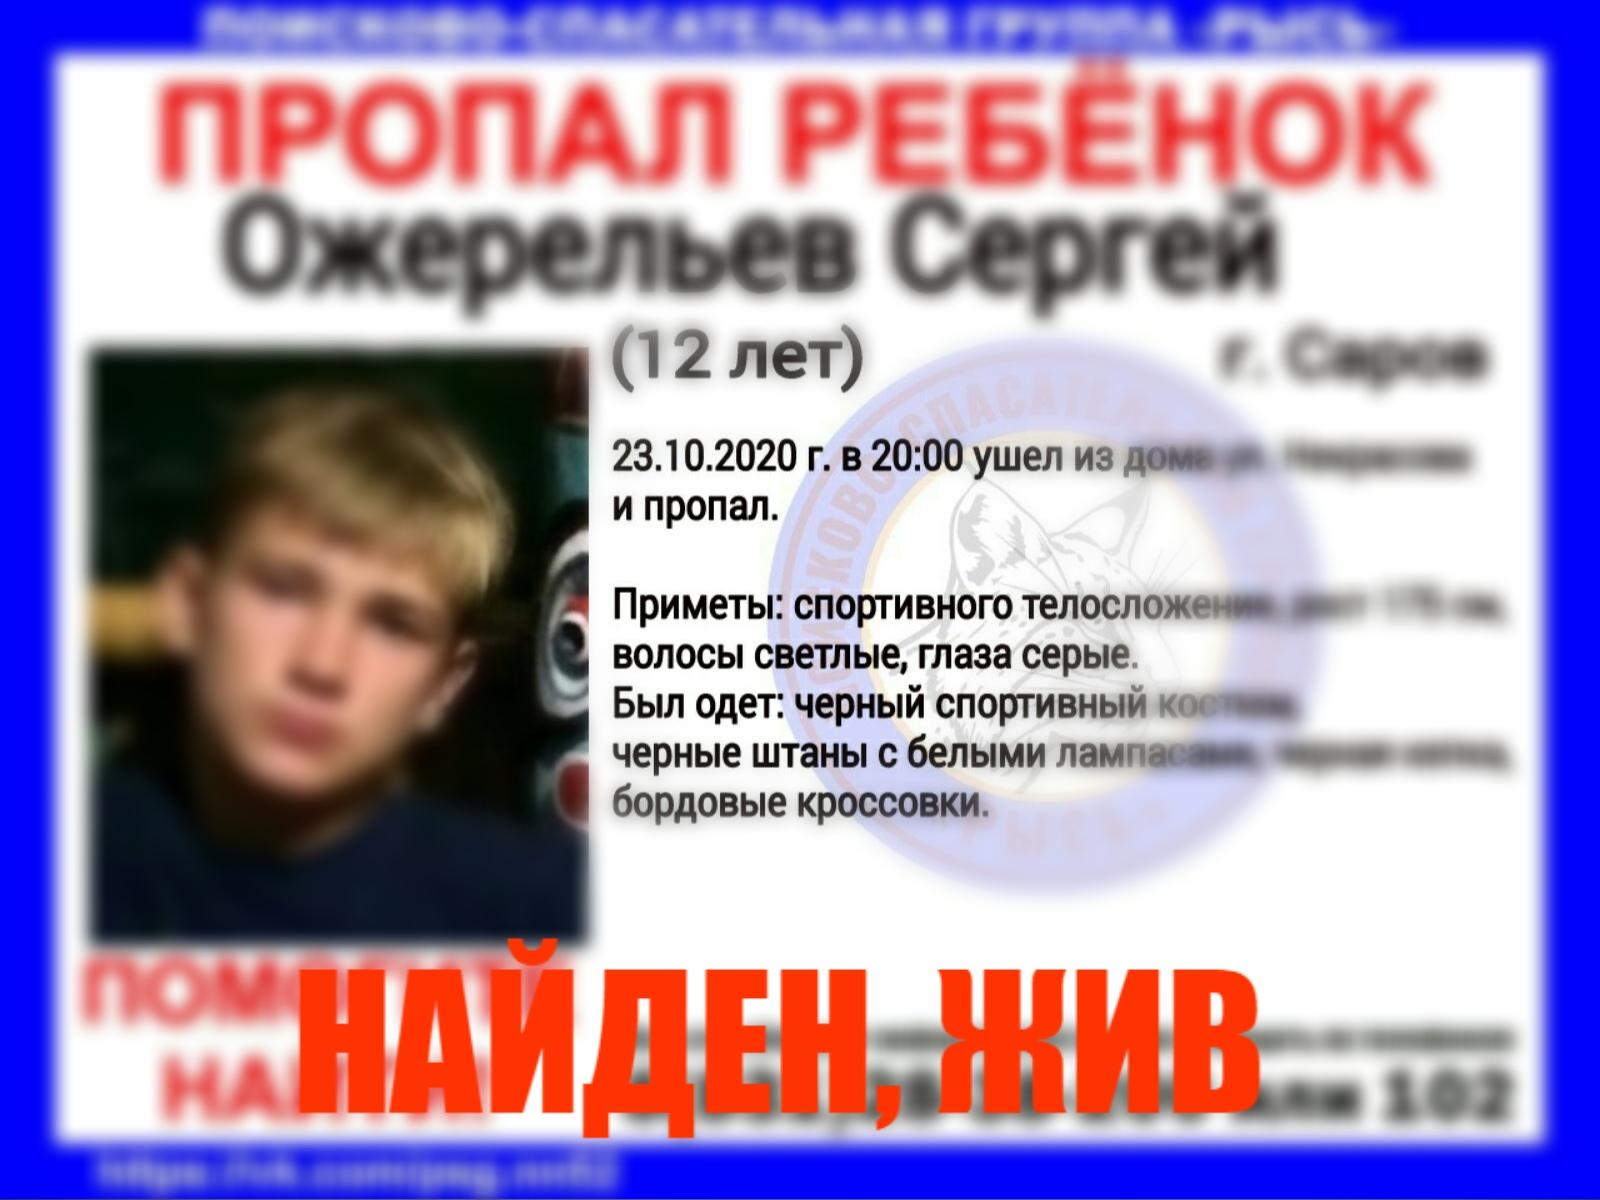 Ожерельев Сергей